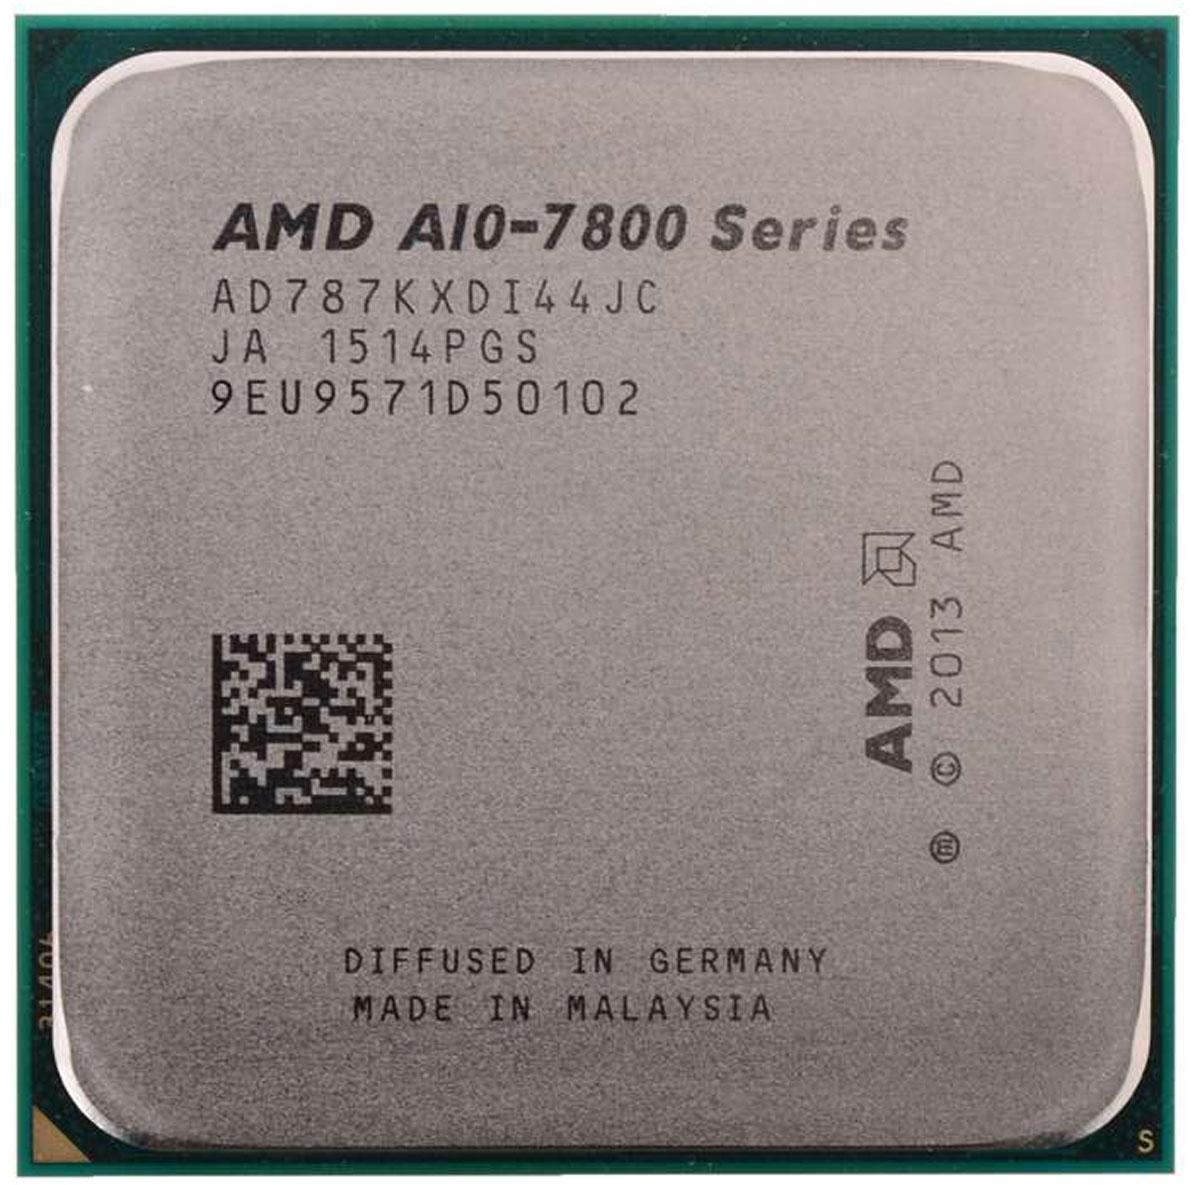 AMD A10-7870K процессор (AD787KXDI44JC)AD787KXDI44JCПроцессор AMD A10-7870K со встроенным видеоядром Radeon R7 подойдет для настольных персональных компьютеров, основанных на платформе AMD. Данная модель имеет разблокированный множитель, а также встроенный двухканальный контроллер памяти DDR3.